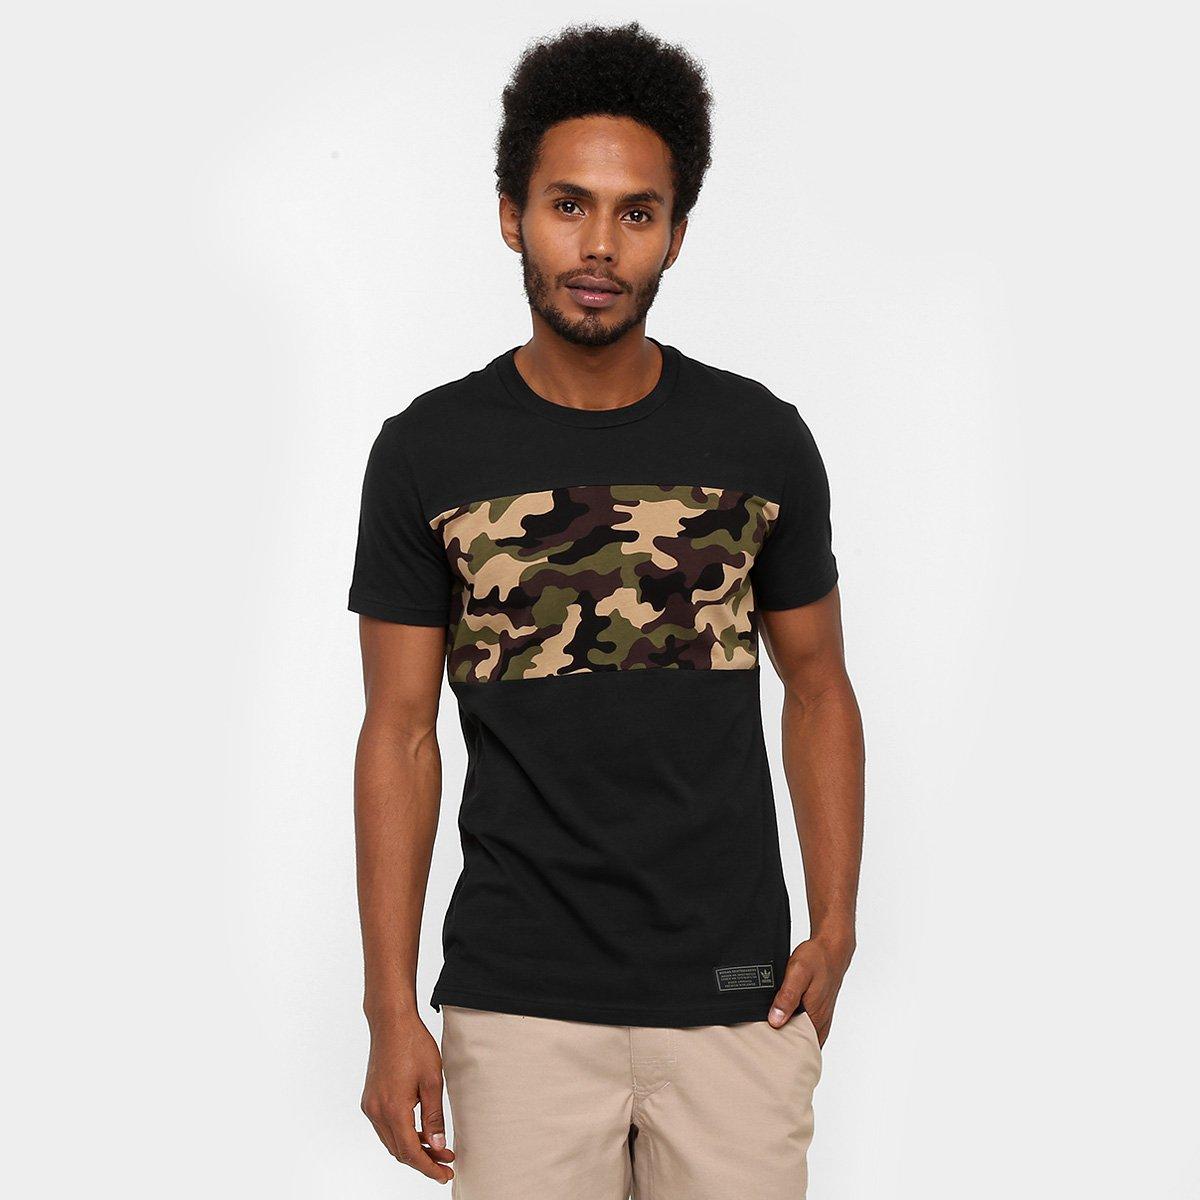 bc71565e7f2 Camiseta Adidas Blkd Camo - Compre Agora